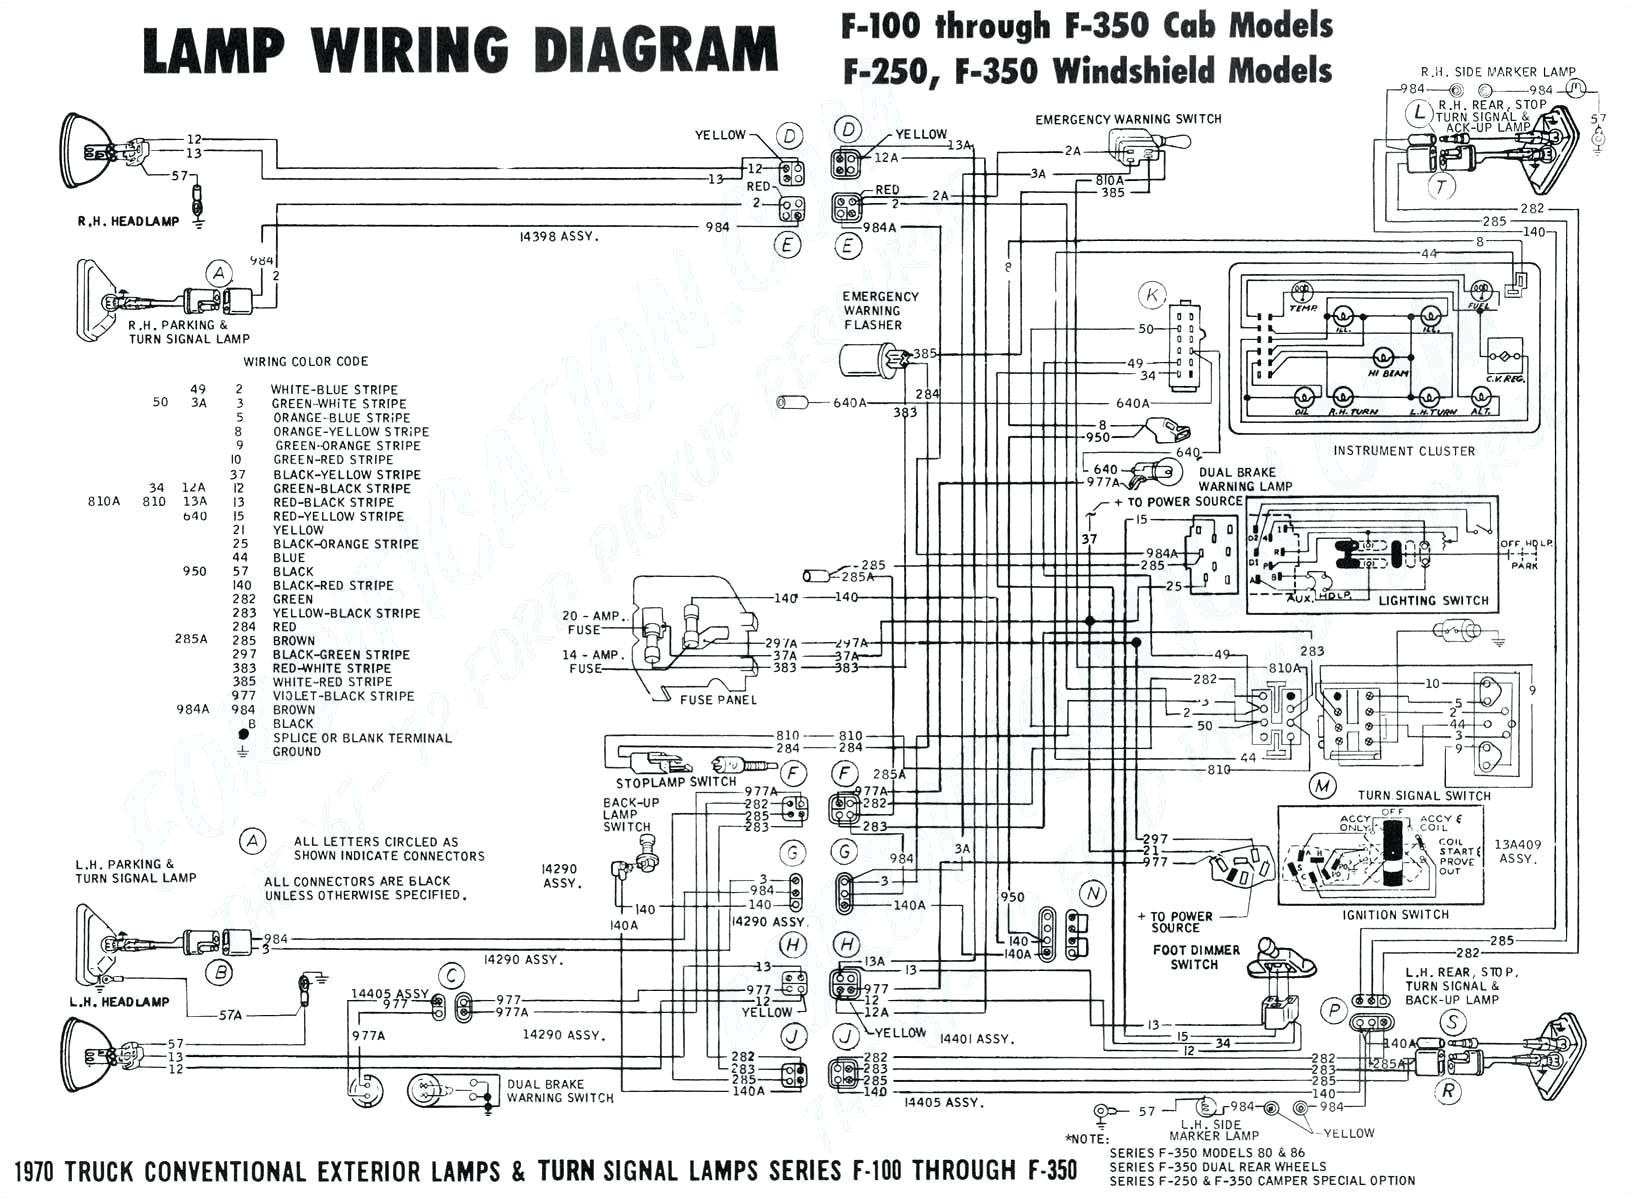 02 ls fuse diagram wiring diagrams konsult 02 silverado